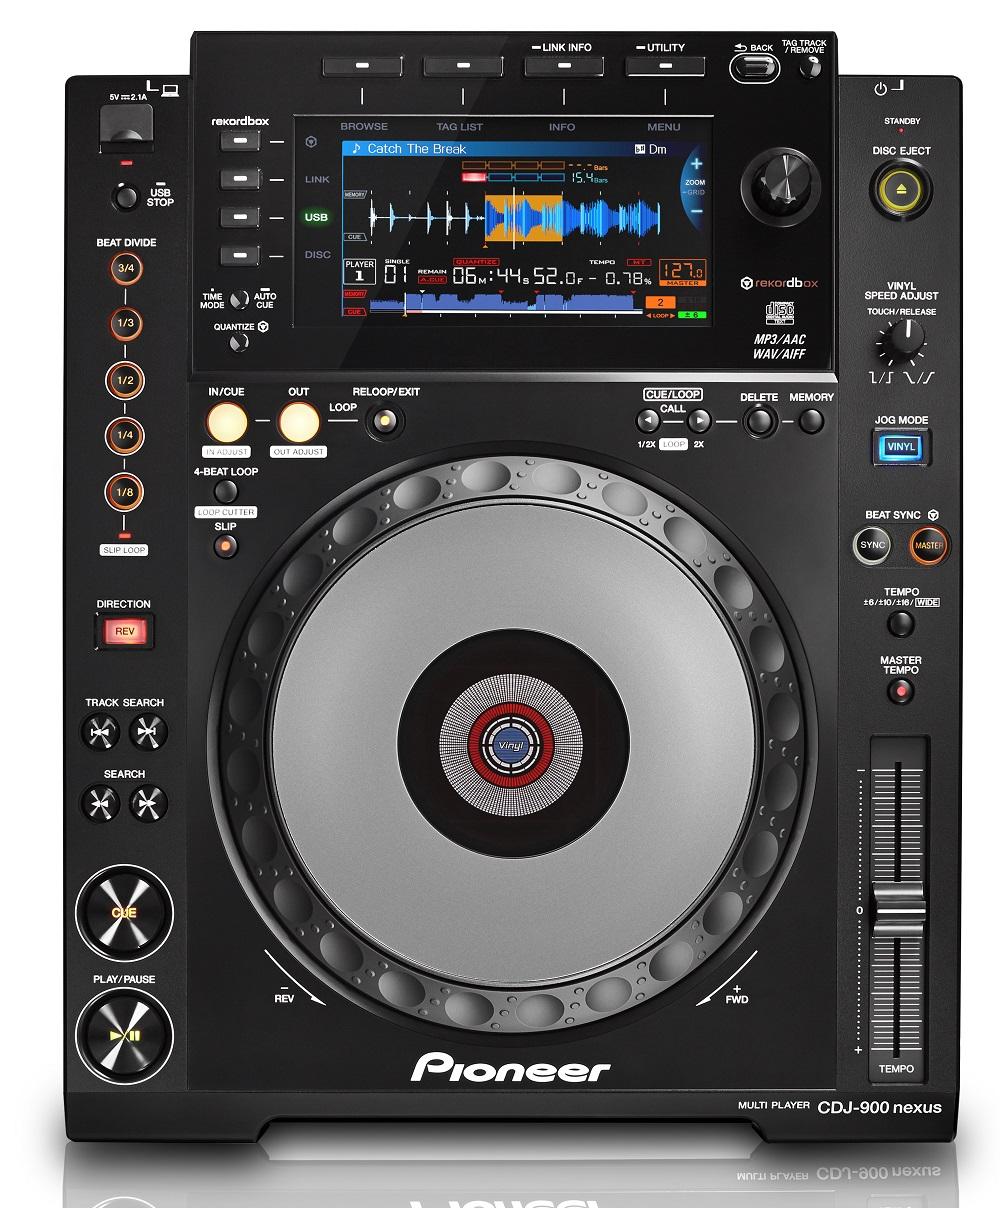 NexusПроигрыватели для DJ<br>Проигрыватель DJ CD<br>